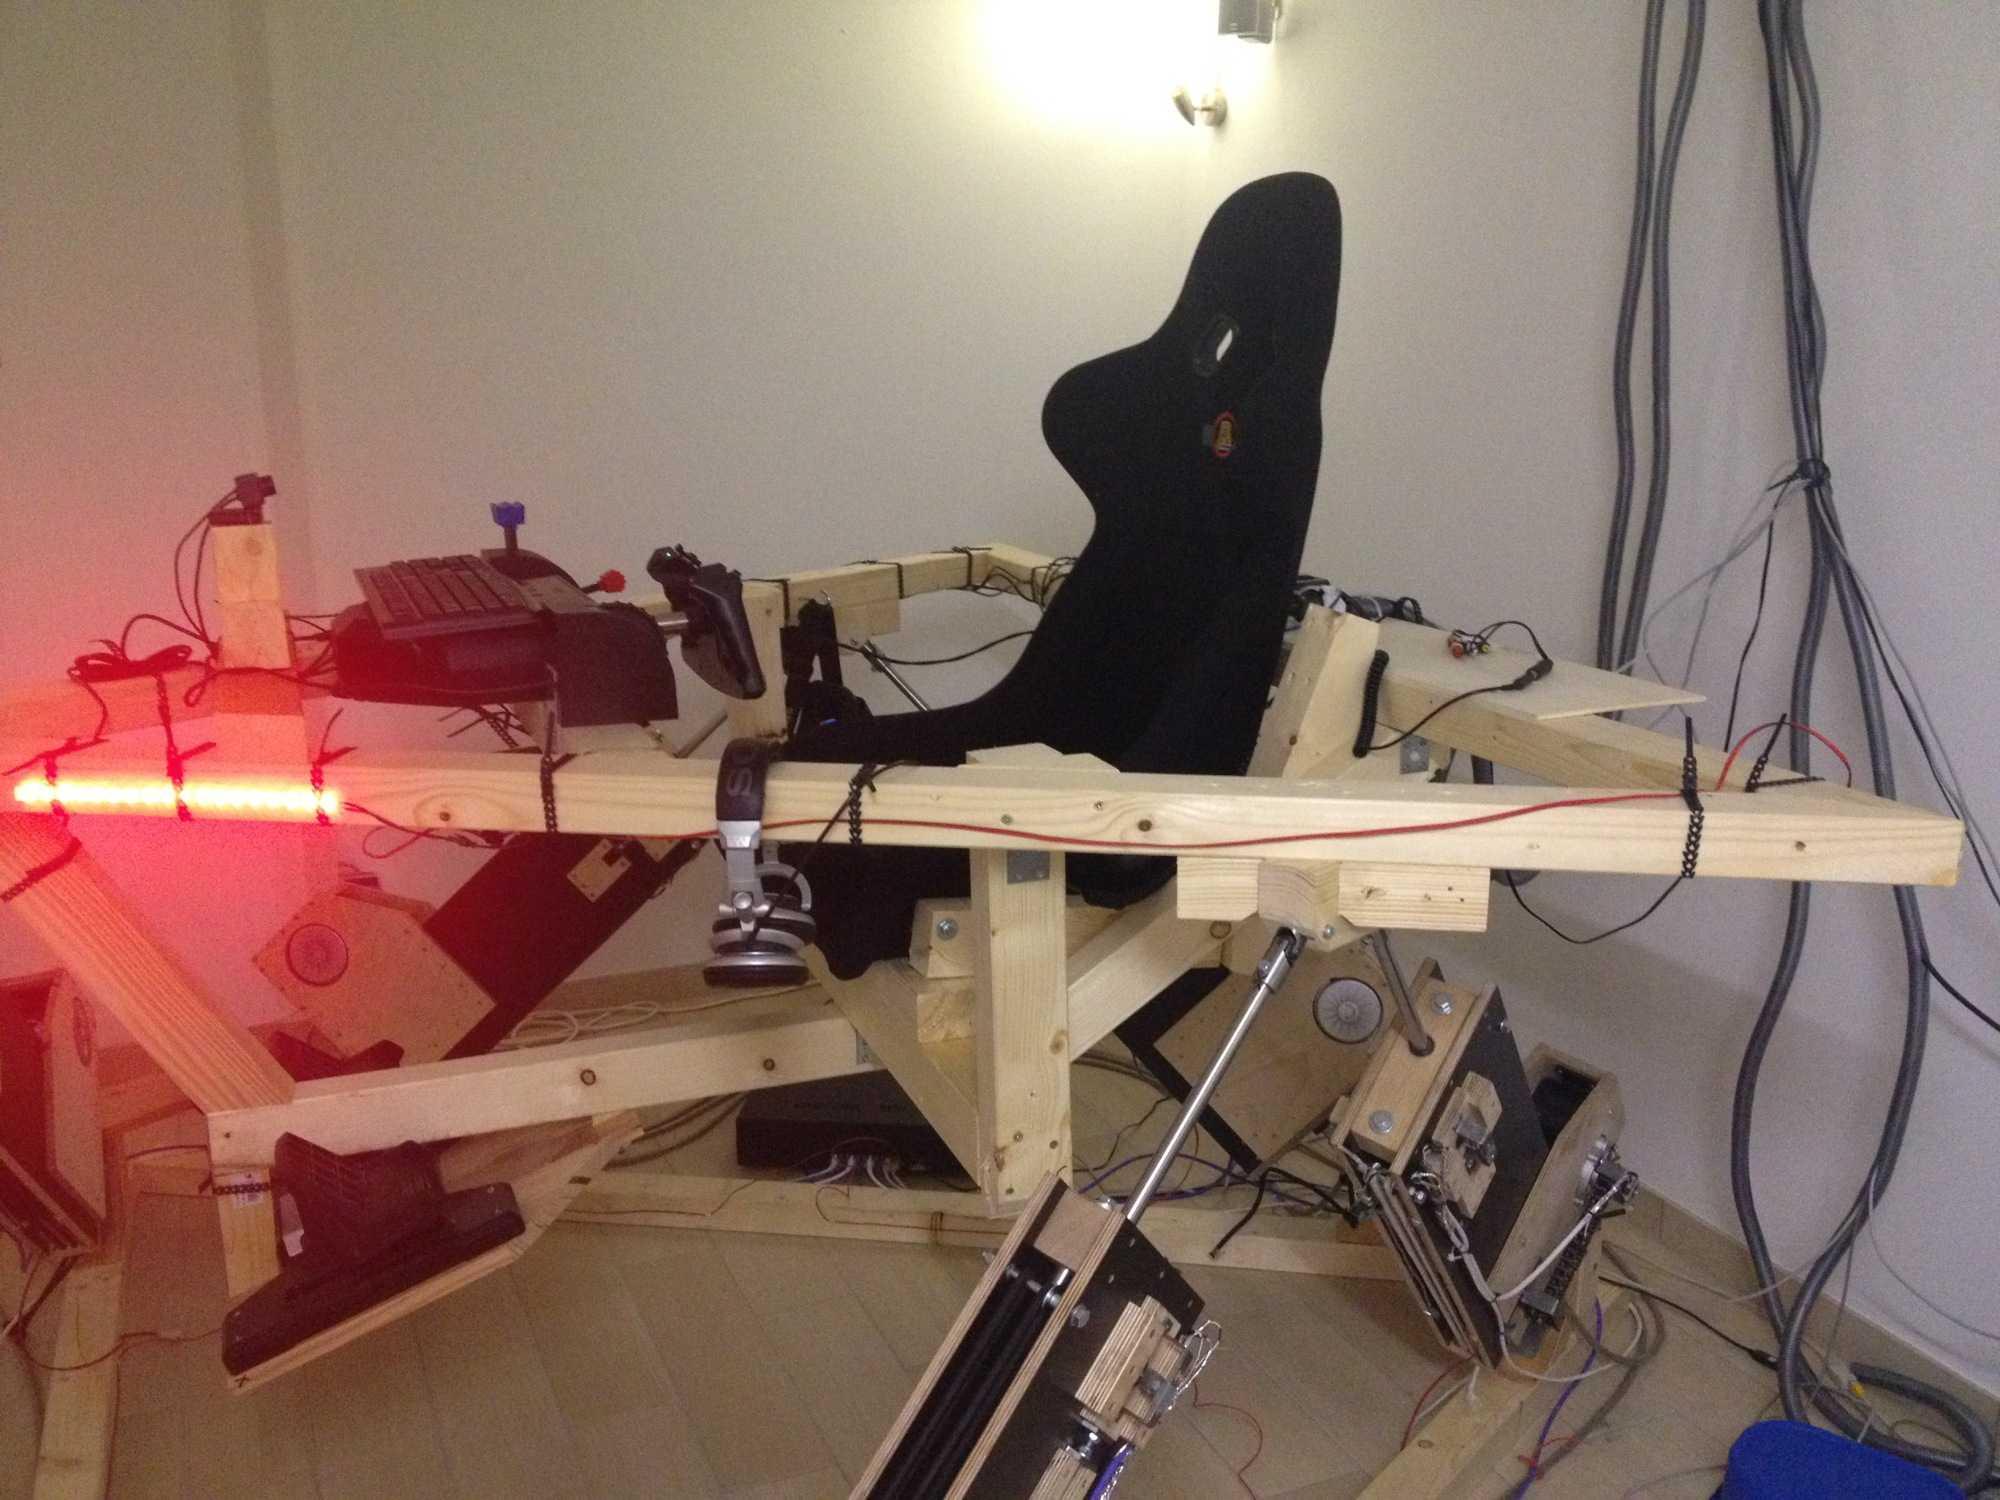 Fliegen ben wie die profis im eigenbau simulator make - Leinwand selber bauen anleitung ...